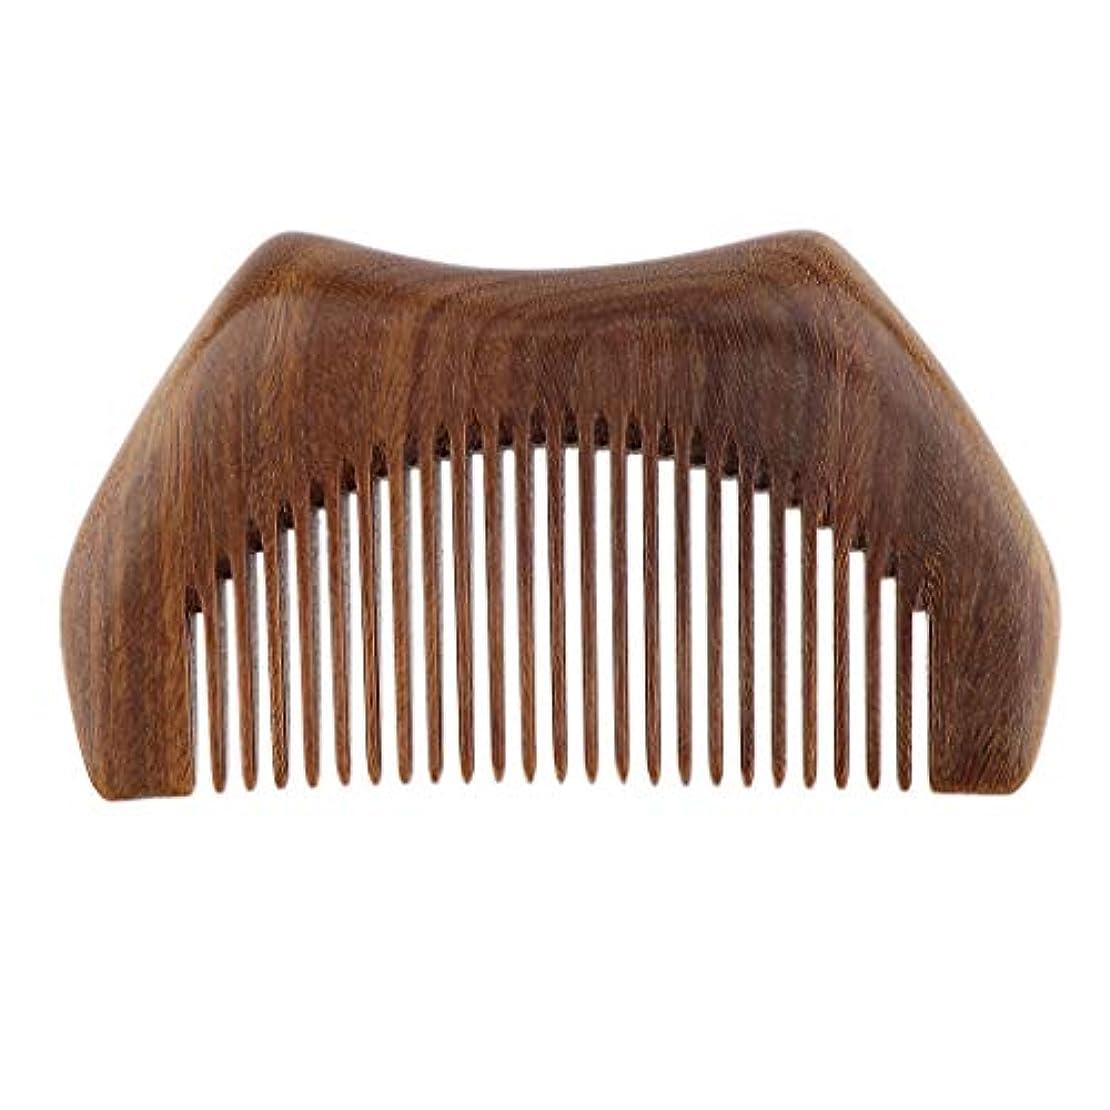 普遍的なオーナーパターンToygogo ポケットサイズグルーミング木製ヘアコーム|髪をほぐすためのプレミアムファインティース/ひげ/ひげ/口ひげ